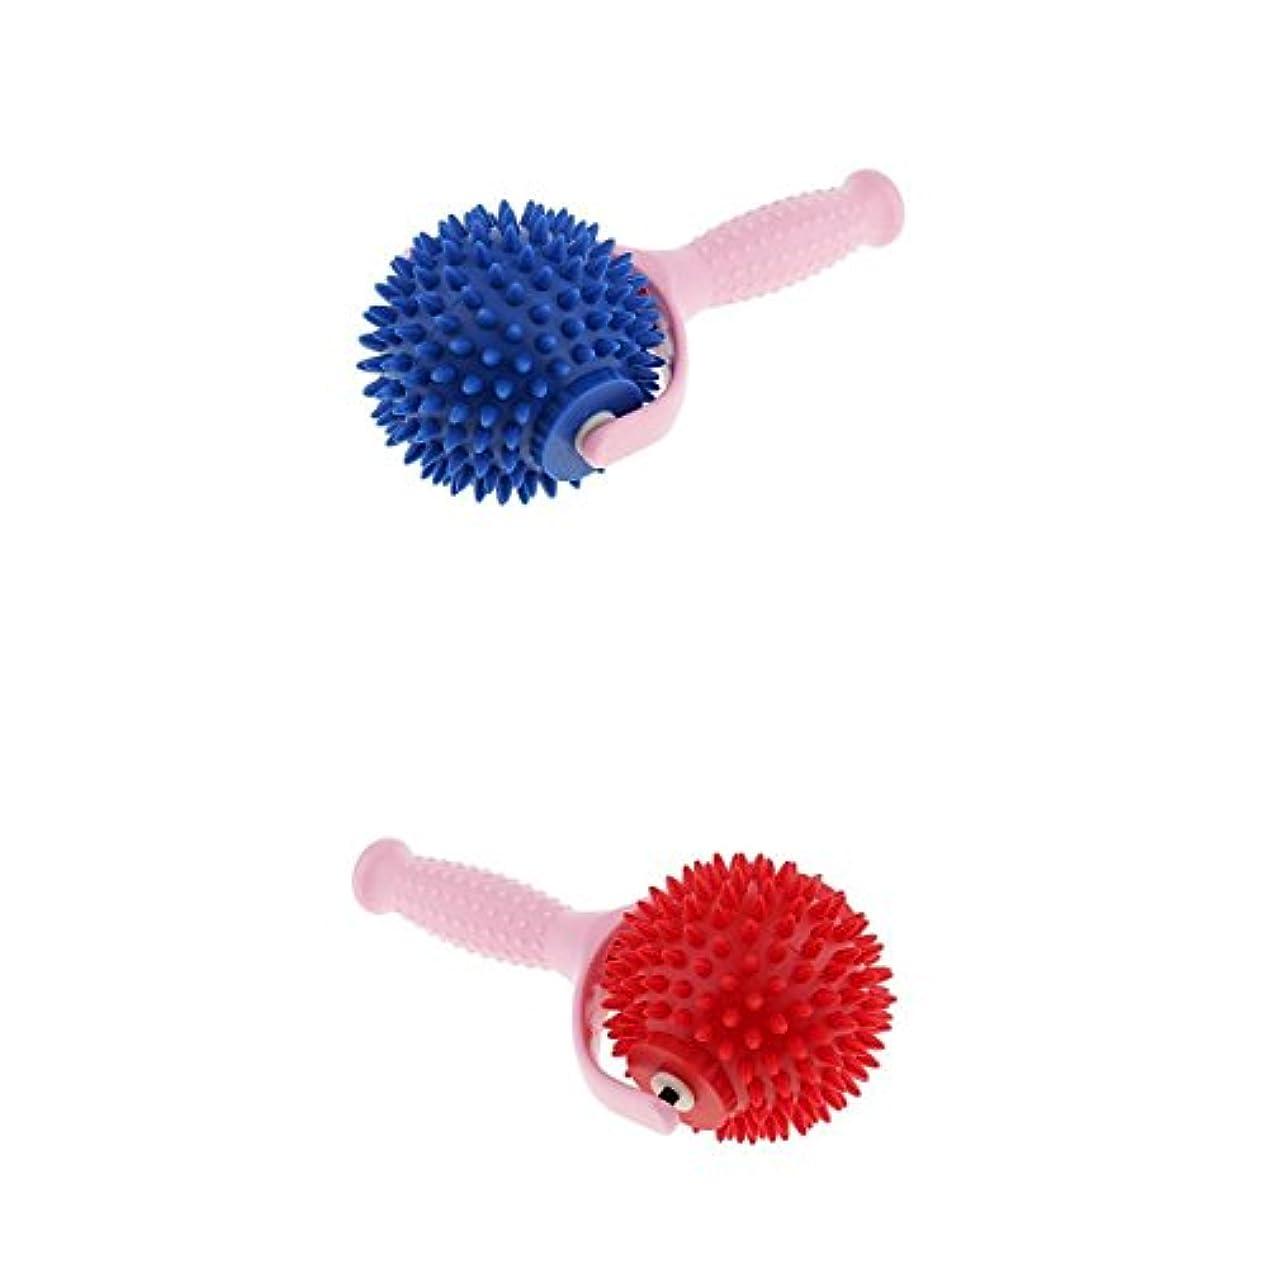 スキッパータック灌漑マッサージボール 手持ち式 2個セット 筋膜リリース 伝統的 鍼療法 PVCプラスチック